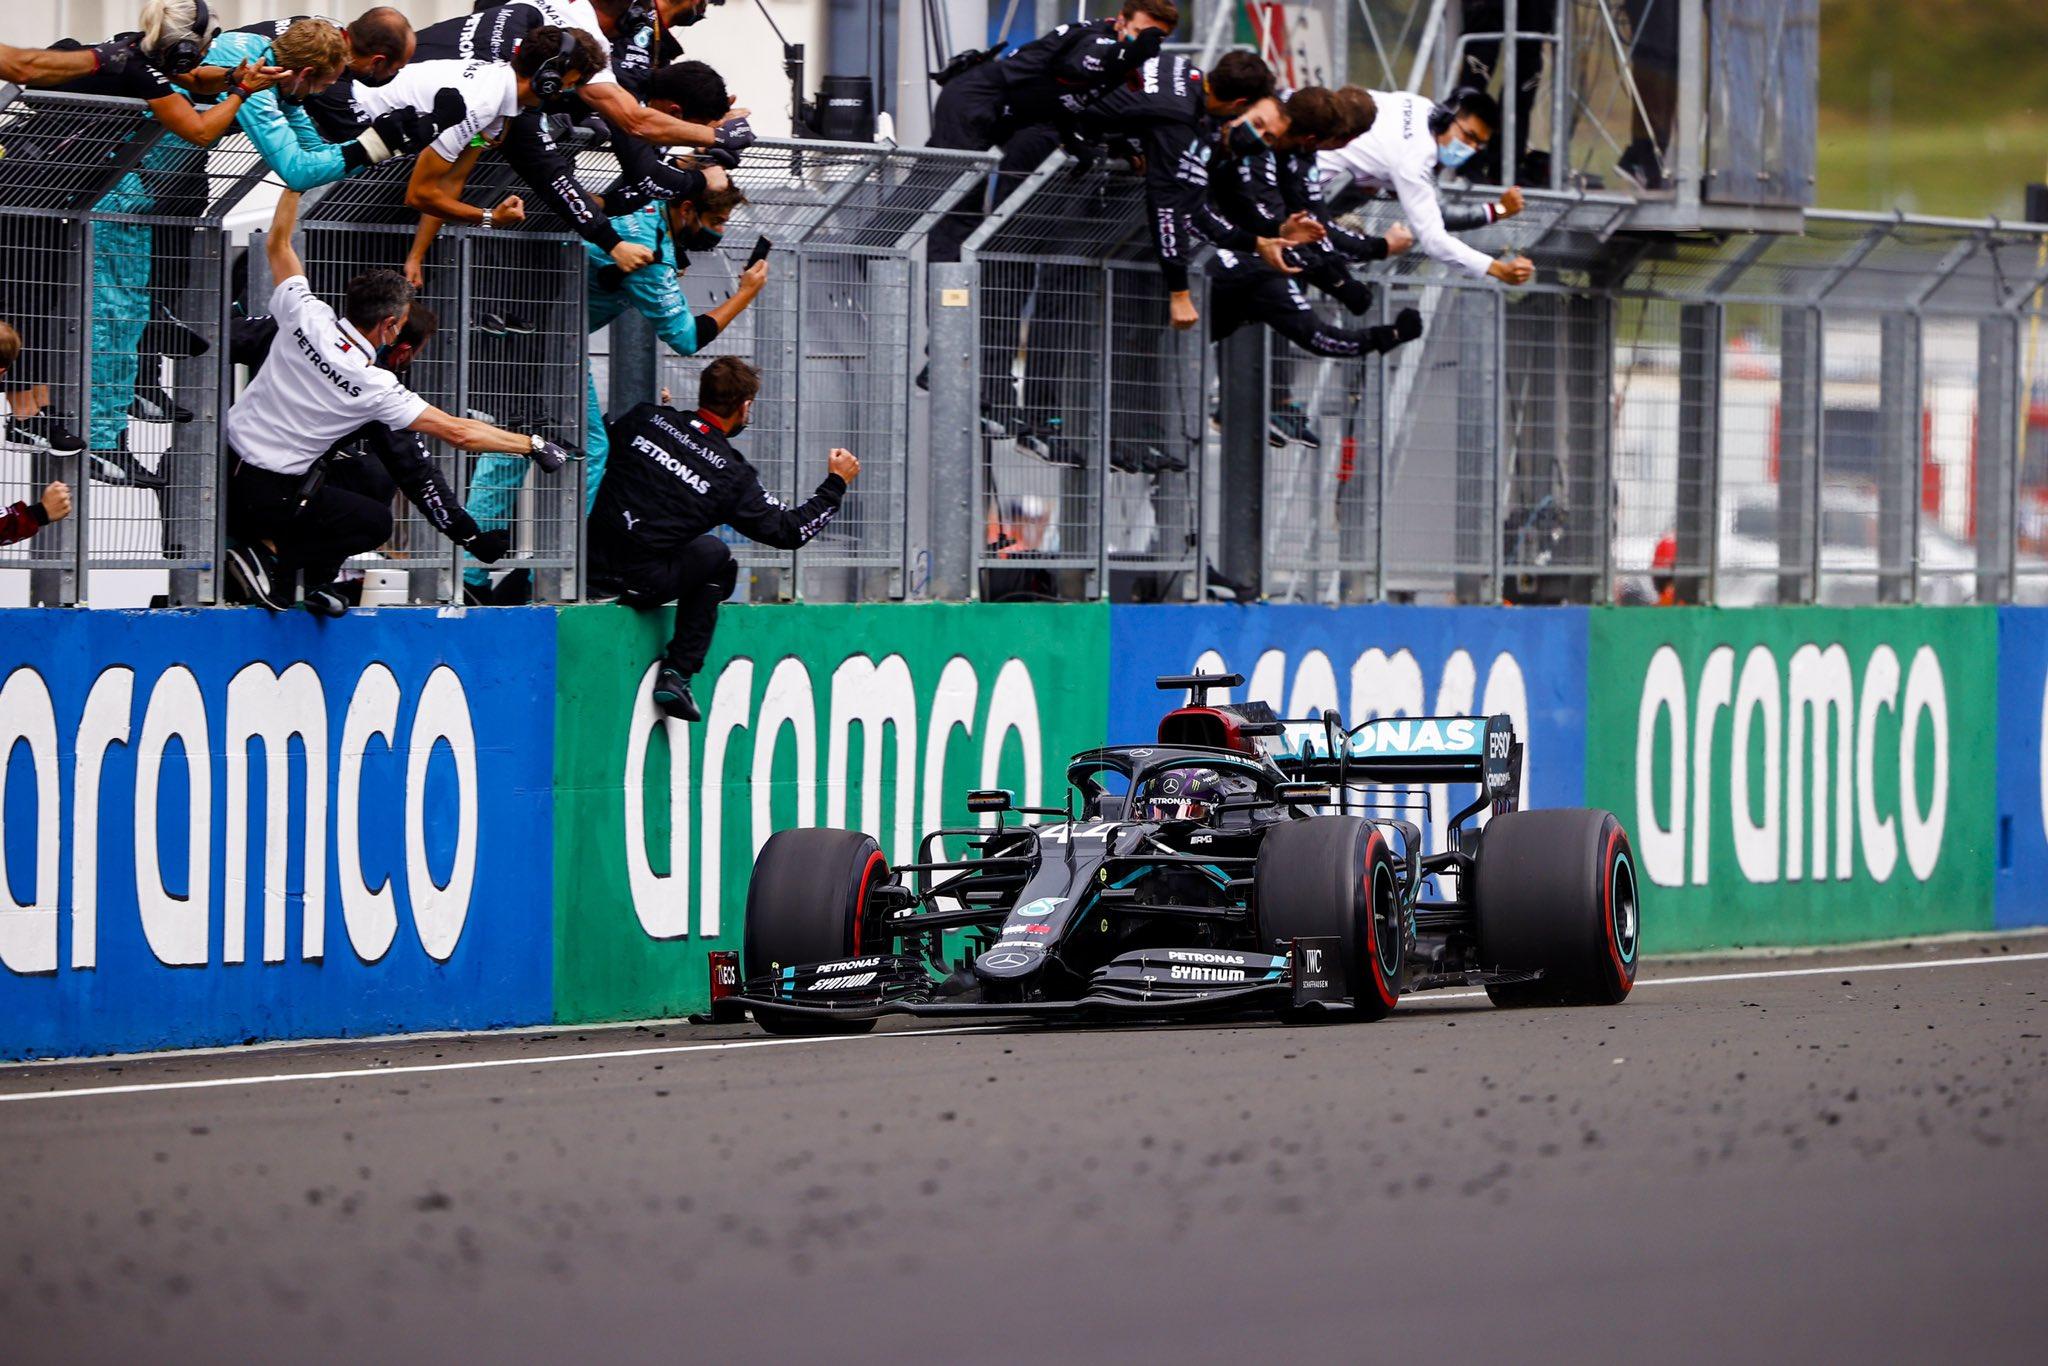 Lewis Hamilton triunfa en Hungría e iguala a Schumacher